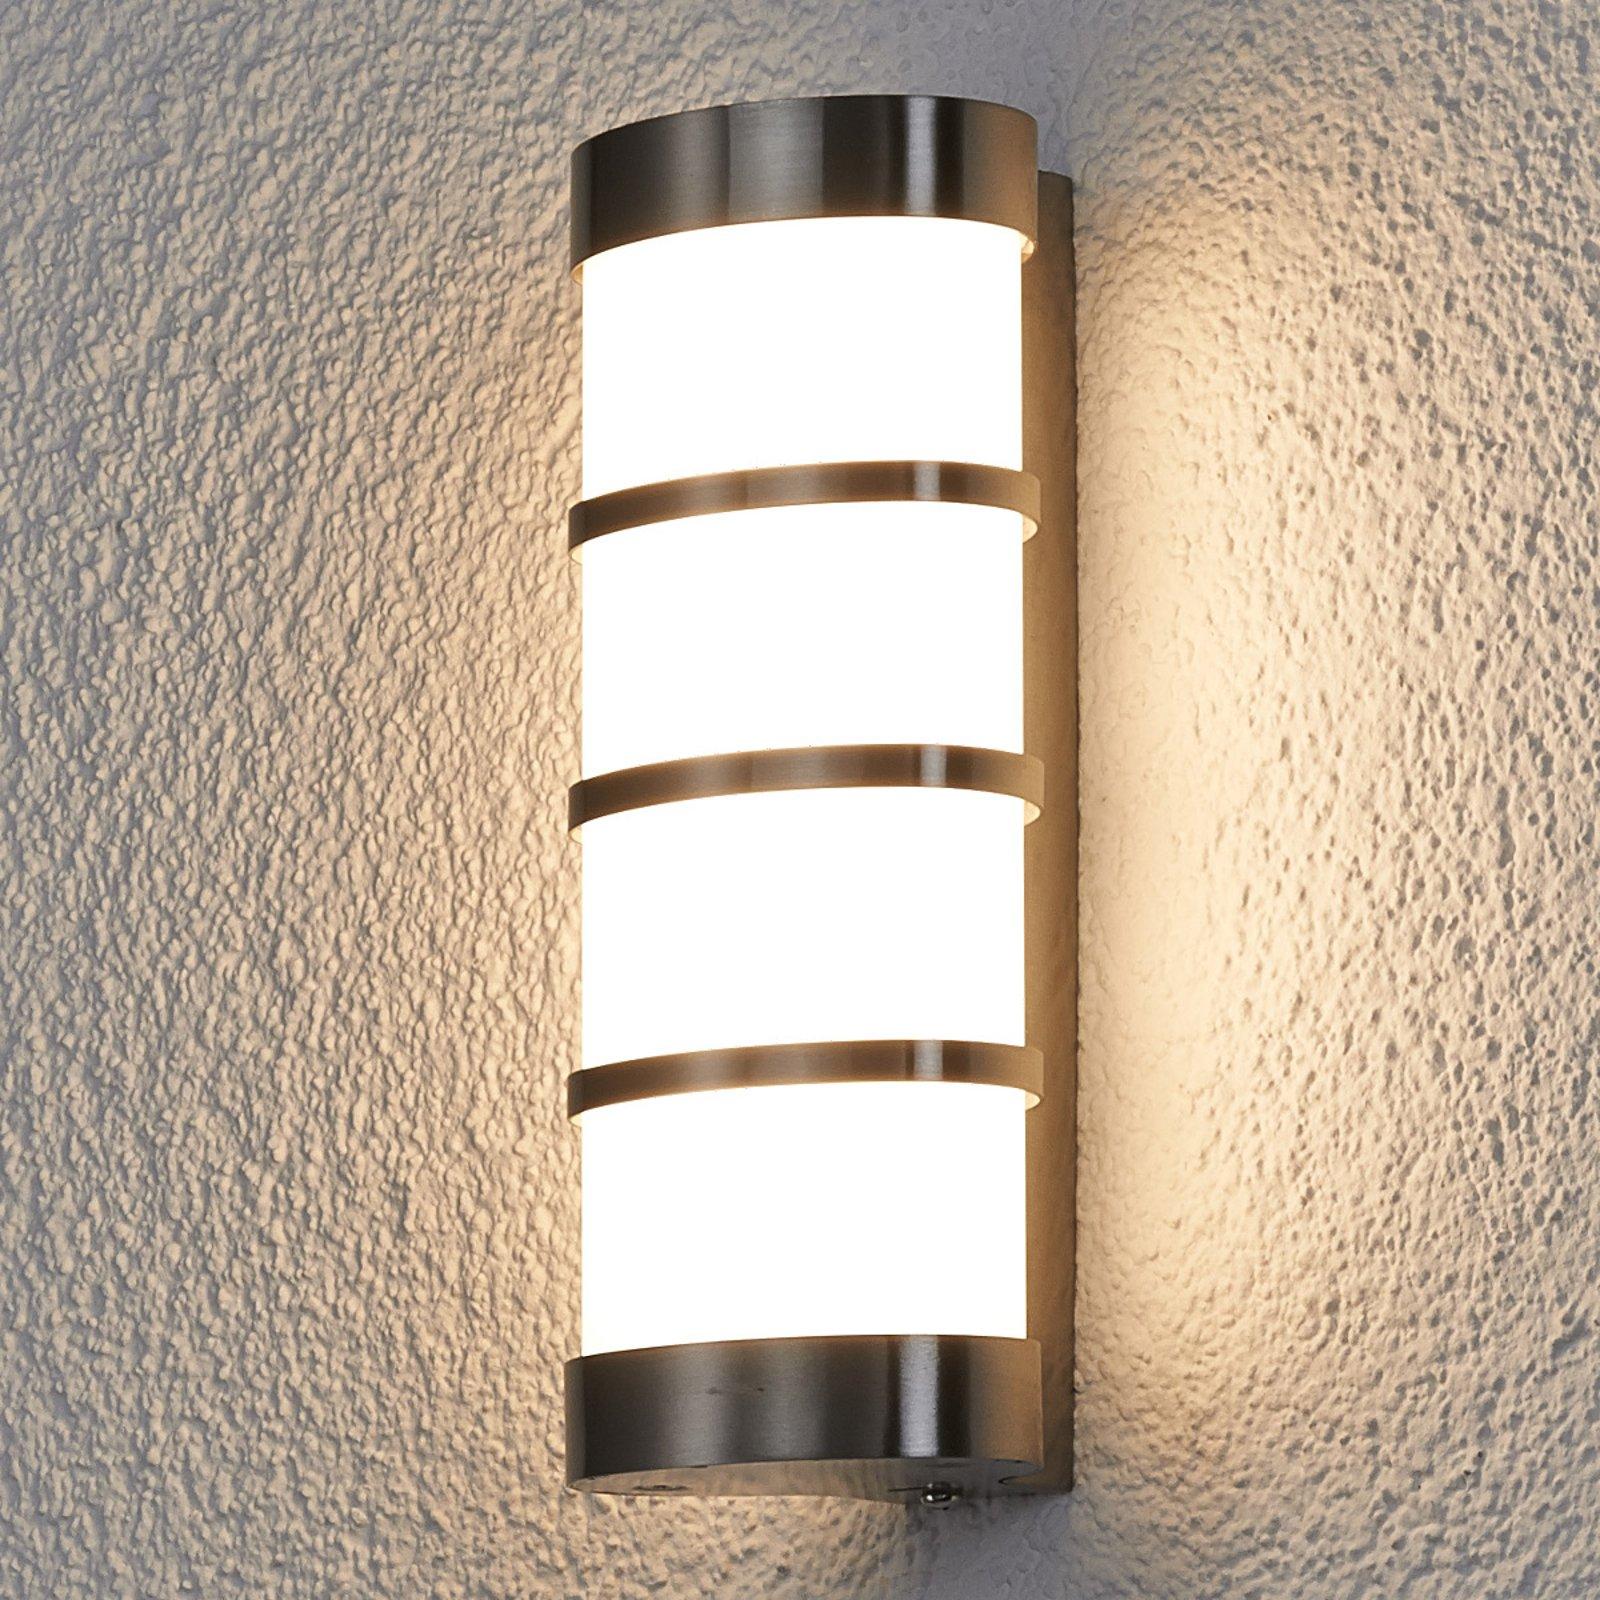 LED utendørs vegglampe Leroy av rustfritt stål